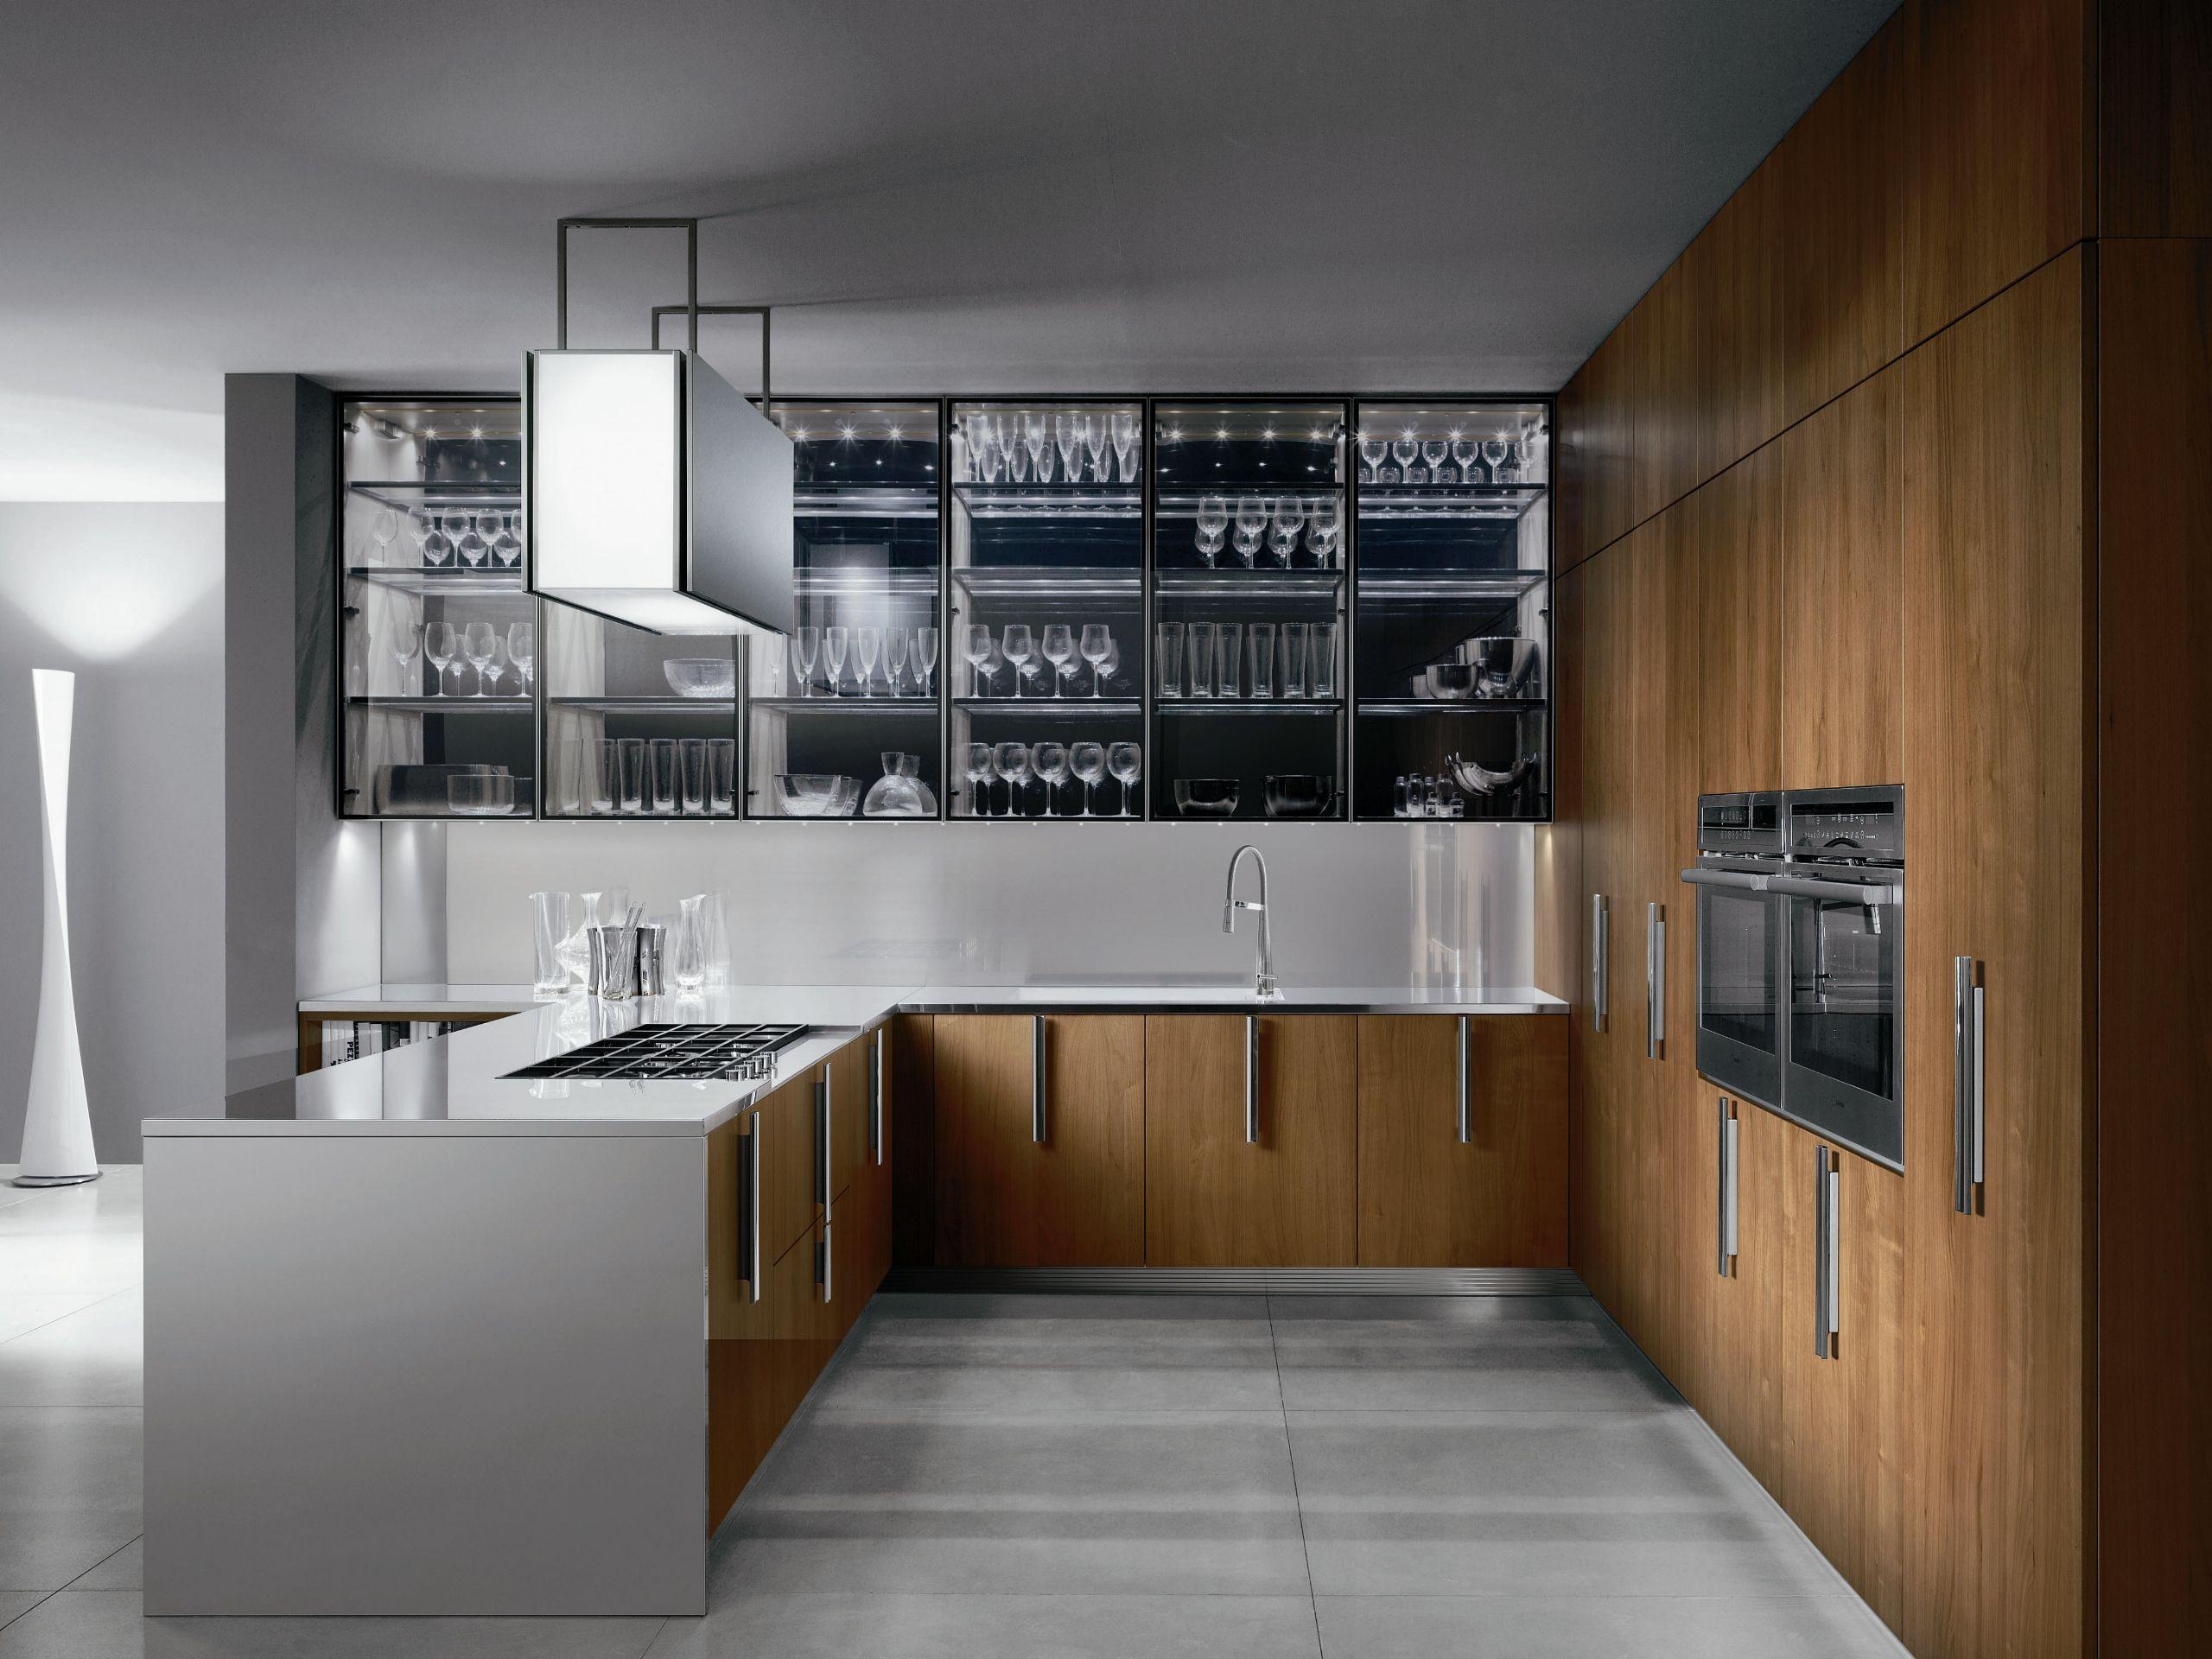 Cucina in legno con maniglie Cucina in acciaio Collezione Barrique ...